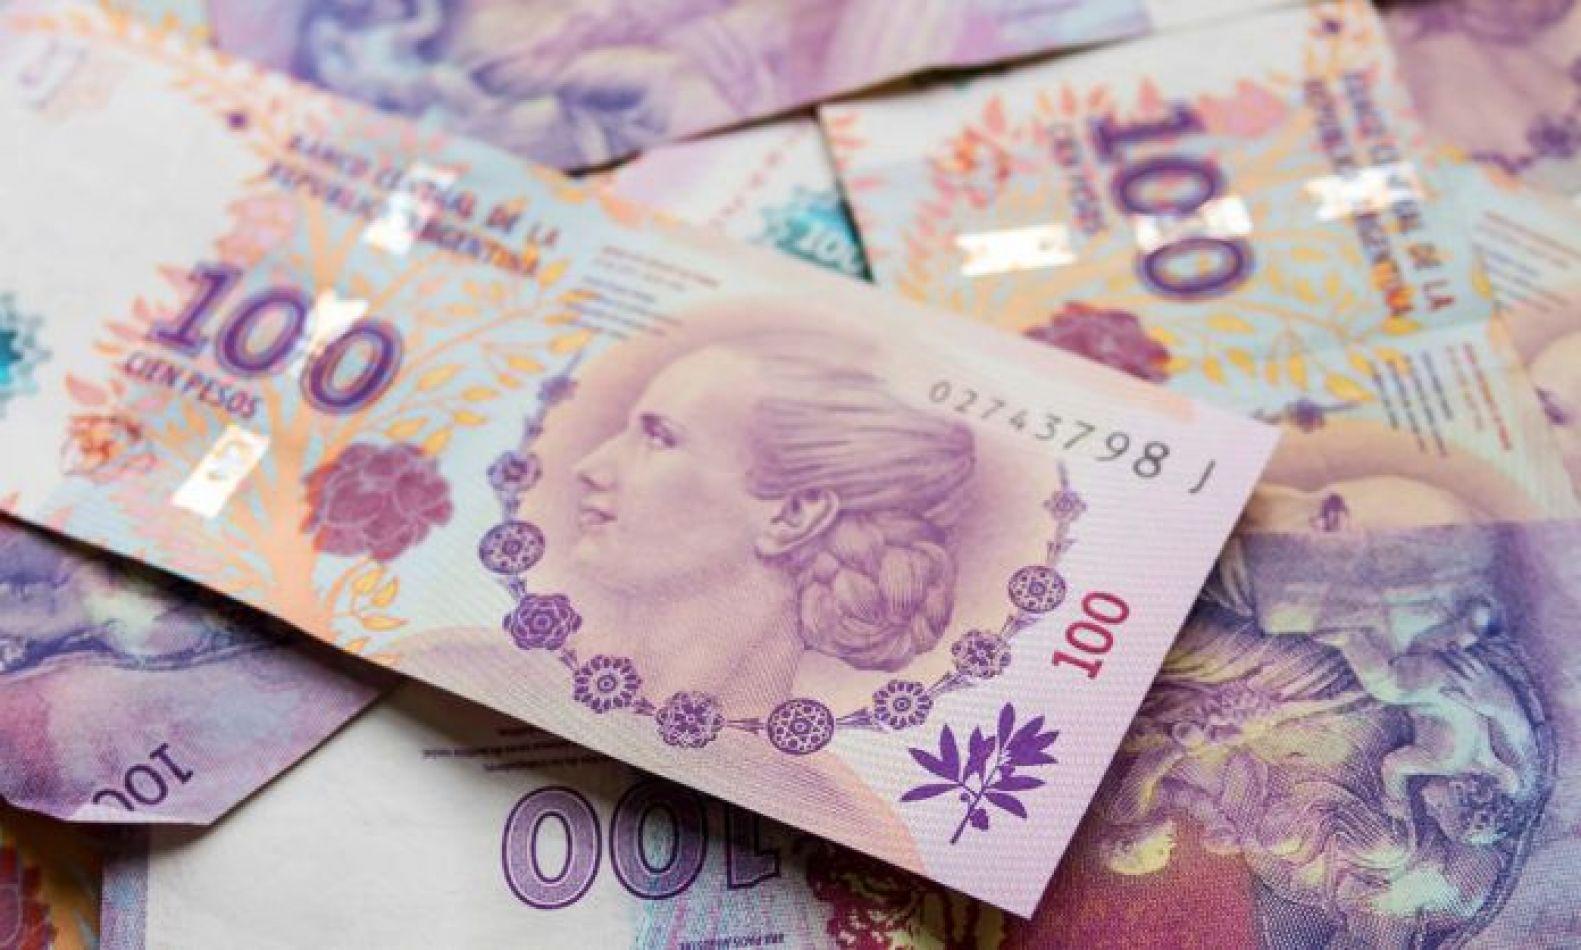 El sueldo de los argentinos pasó del más alto al más bajo de la región